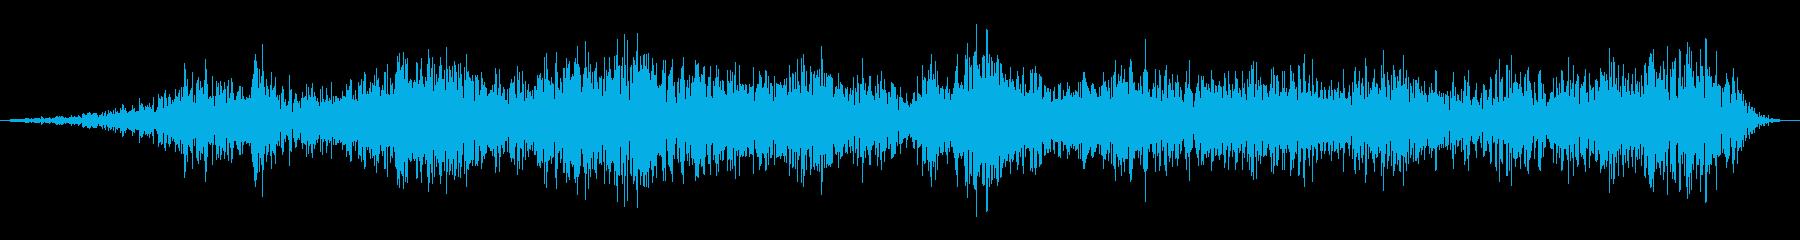 大釜の不気味なうめき声の再生済みの波形